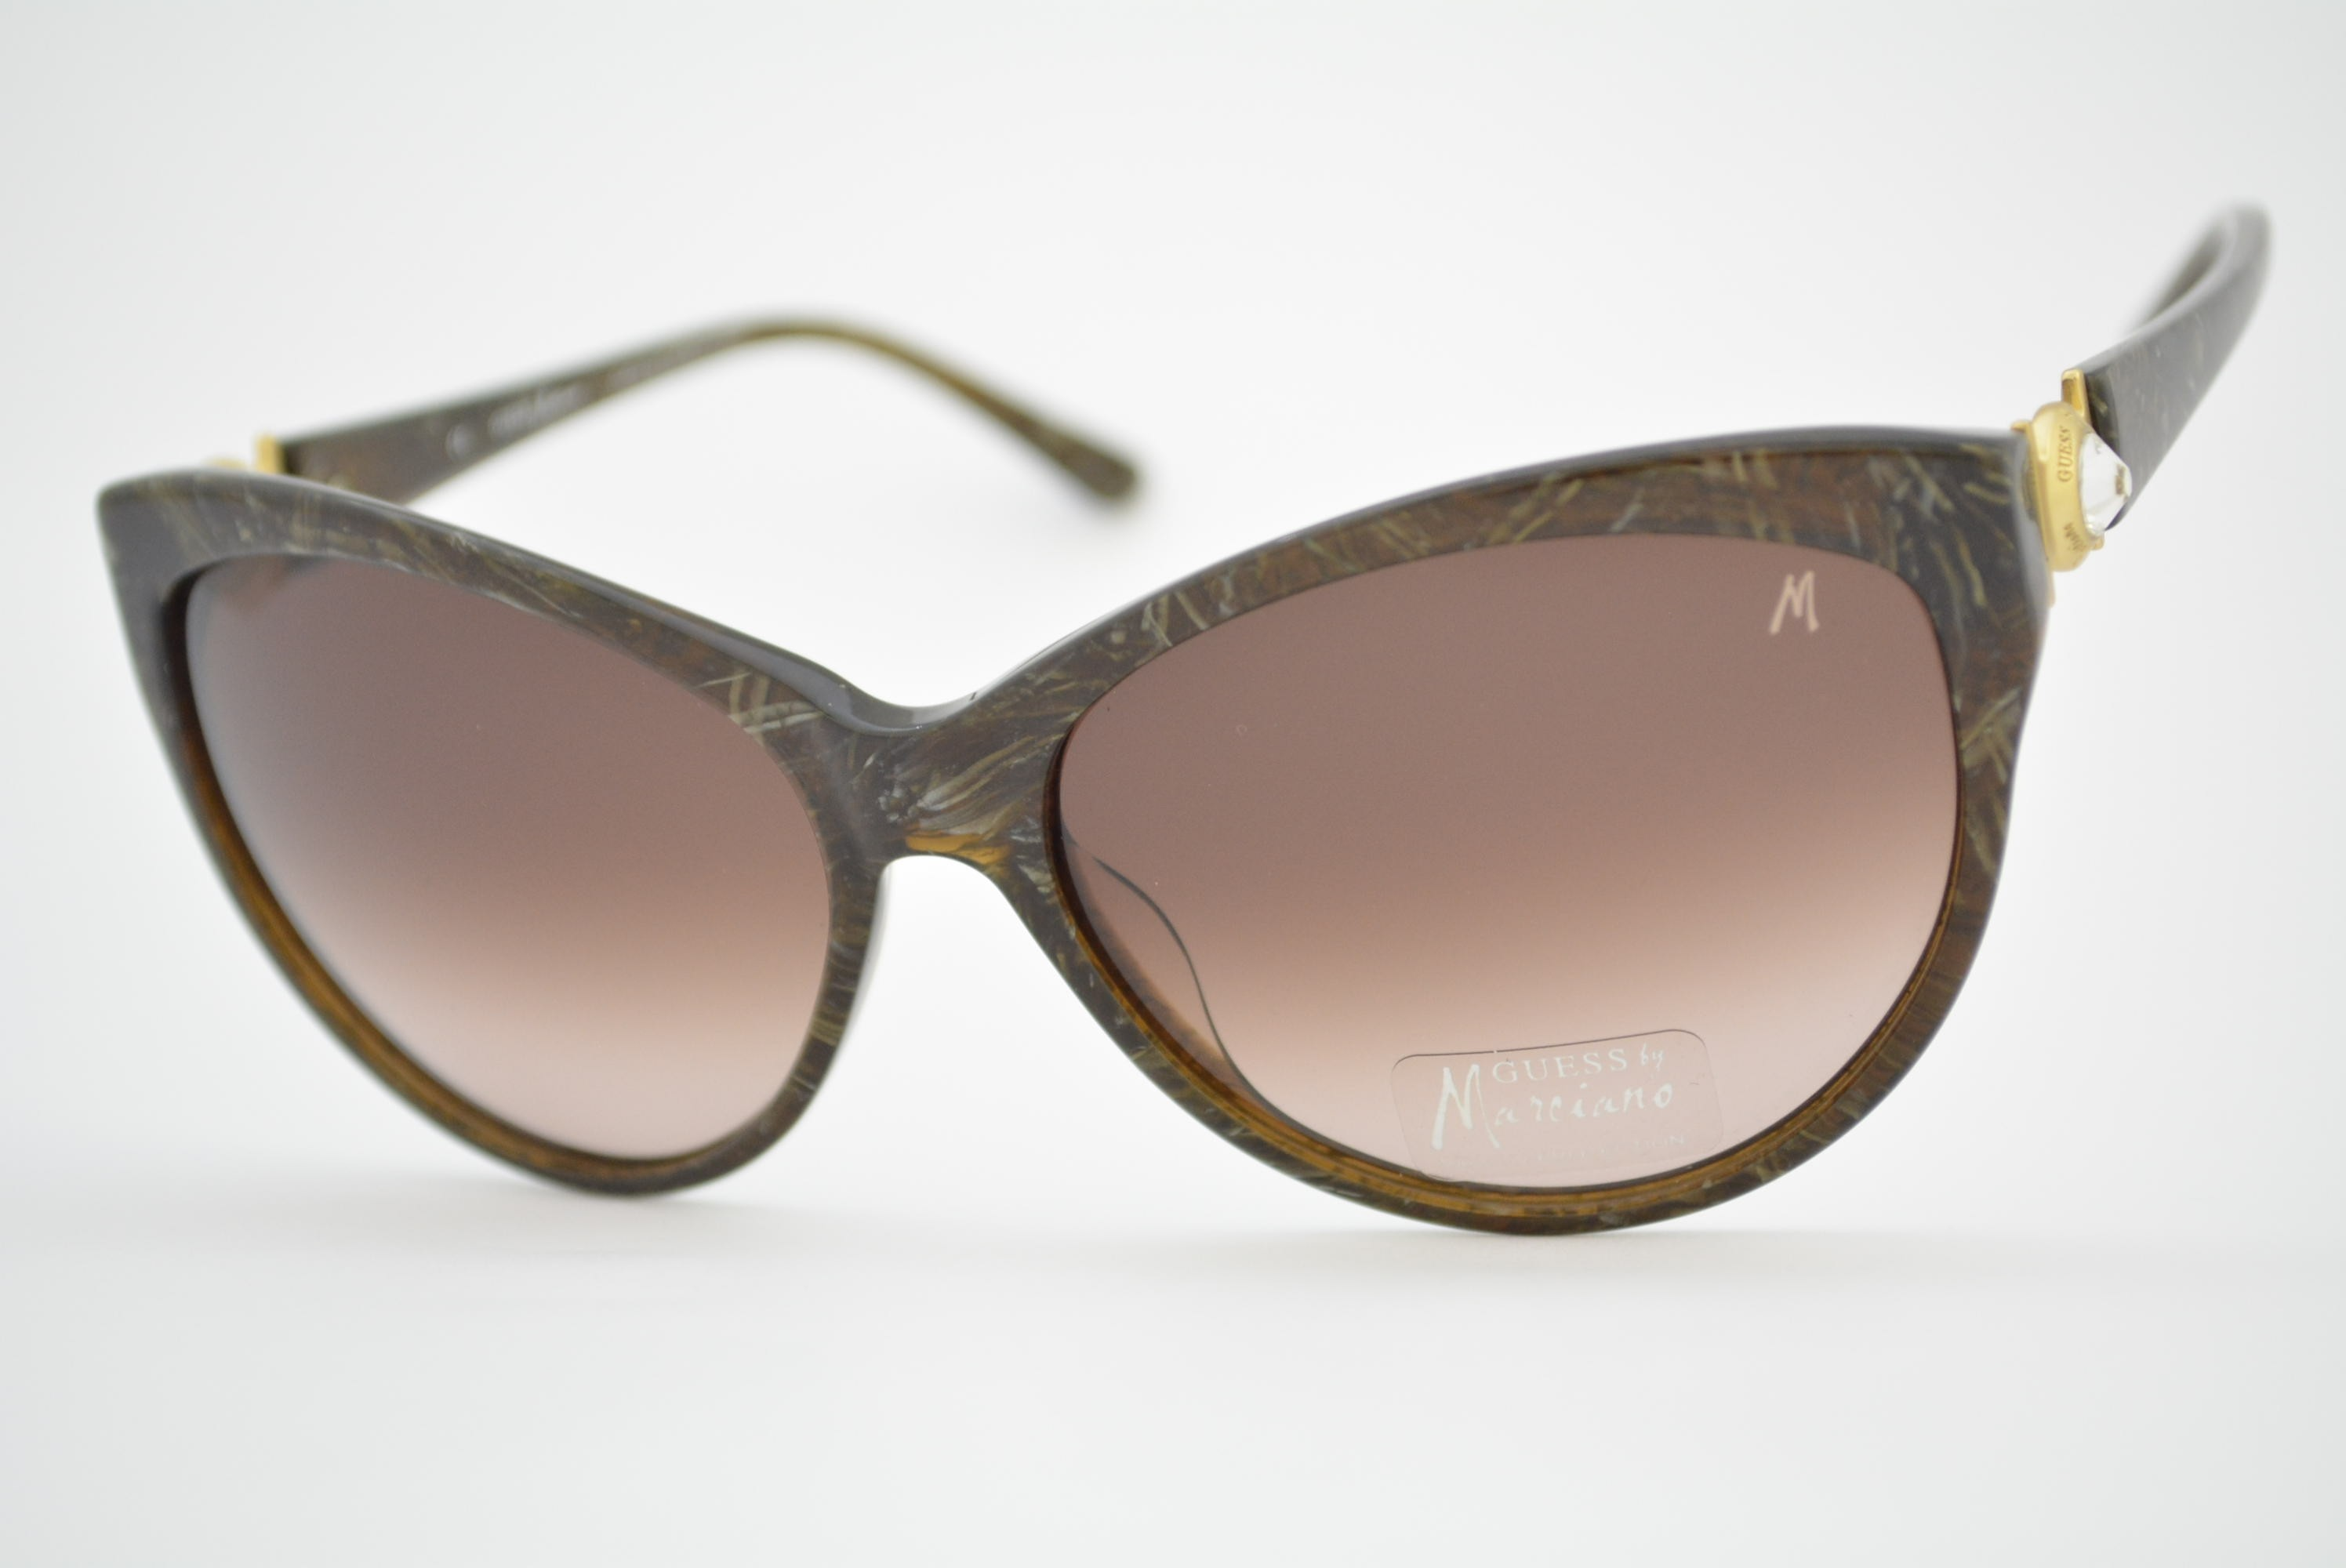 ee76577c0523b óculos de sol Guess by Marciano mod GM680 brn-34 Ótica Cardoso